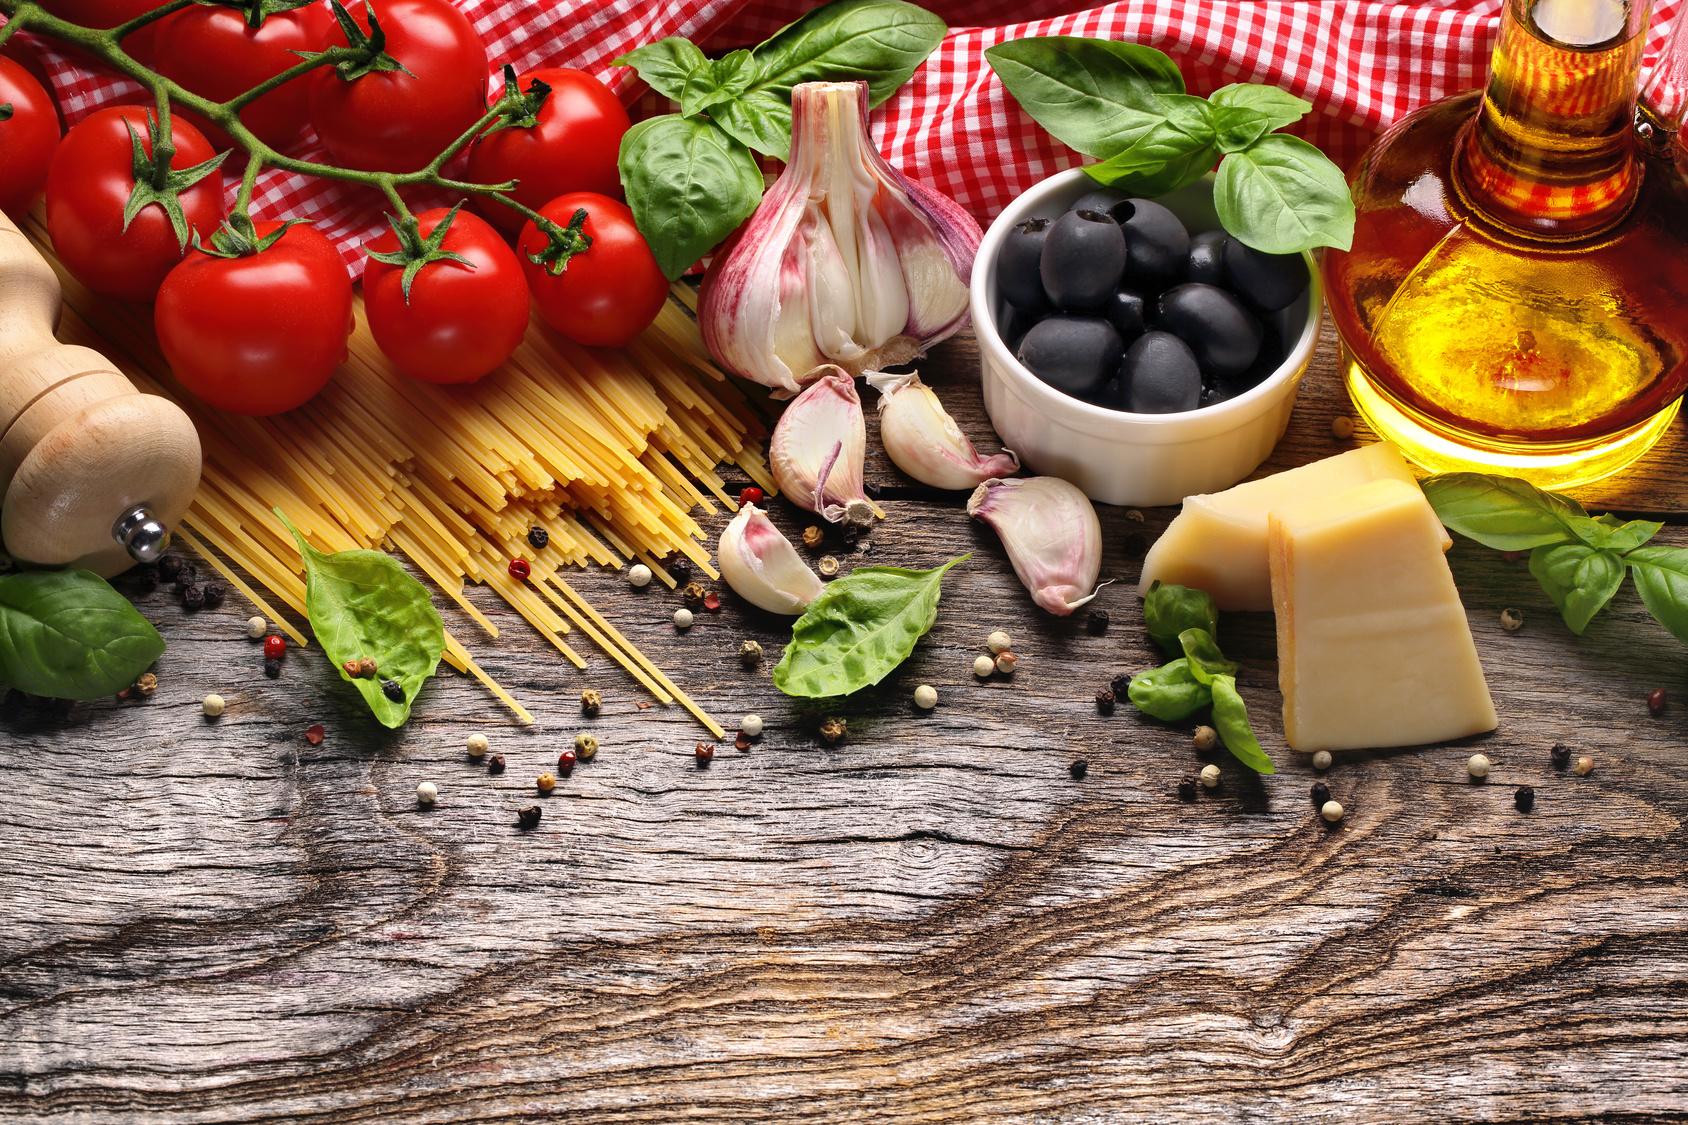 Basische-Lebensmittel-bieten-dem-K-rper-N-hrstoffe